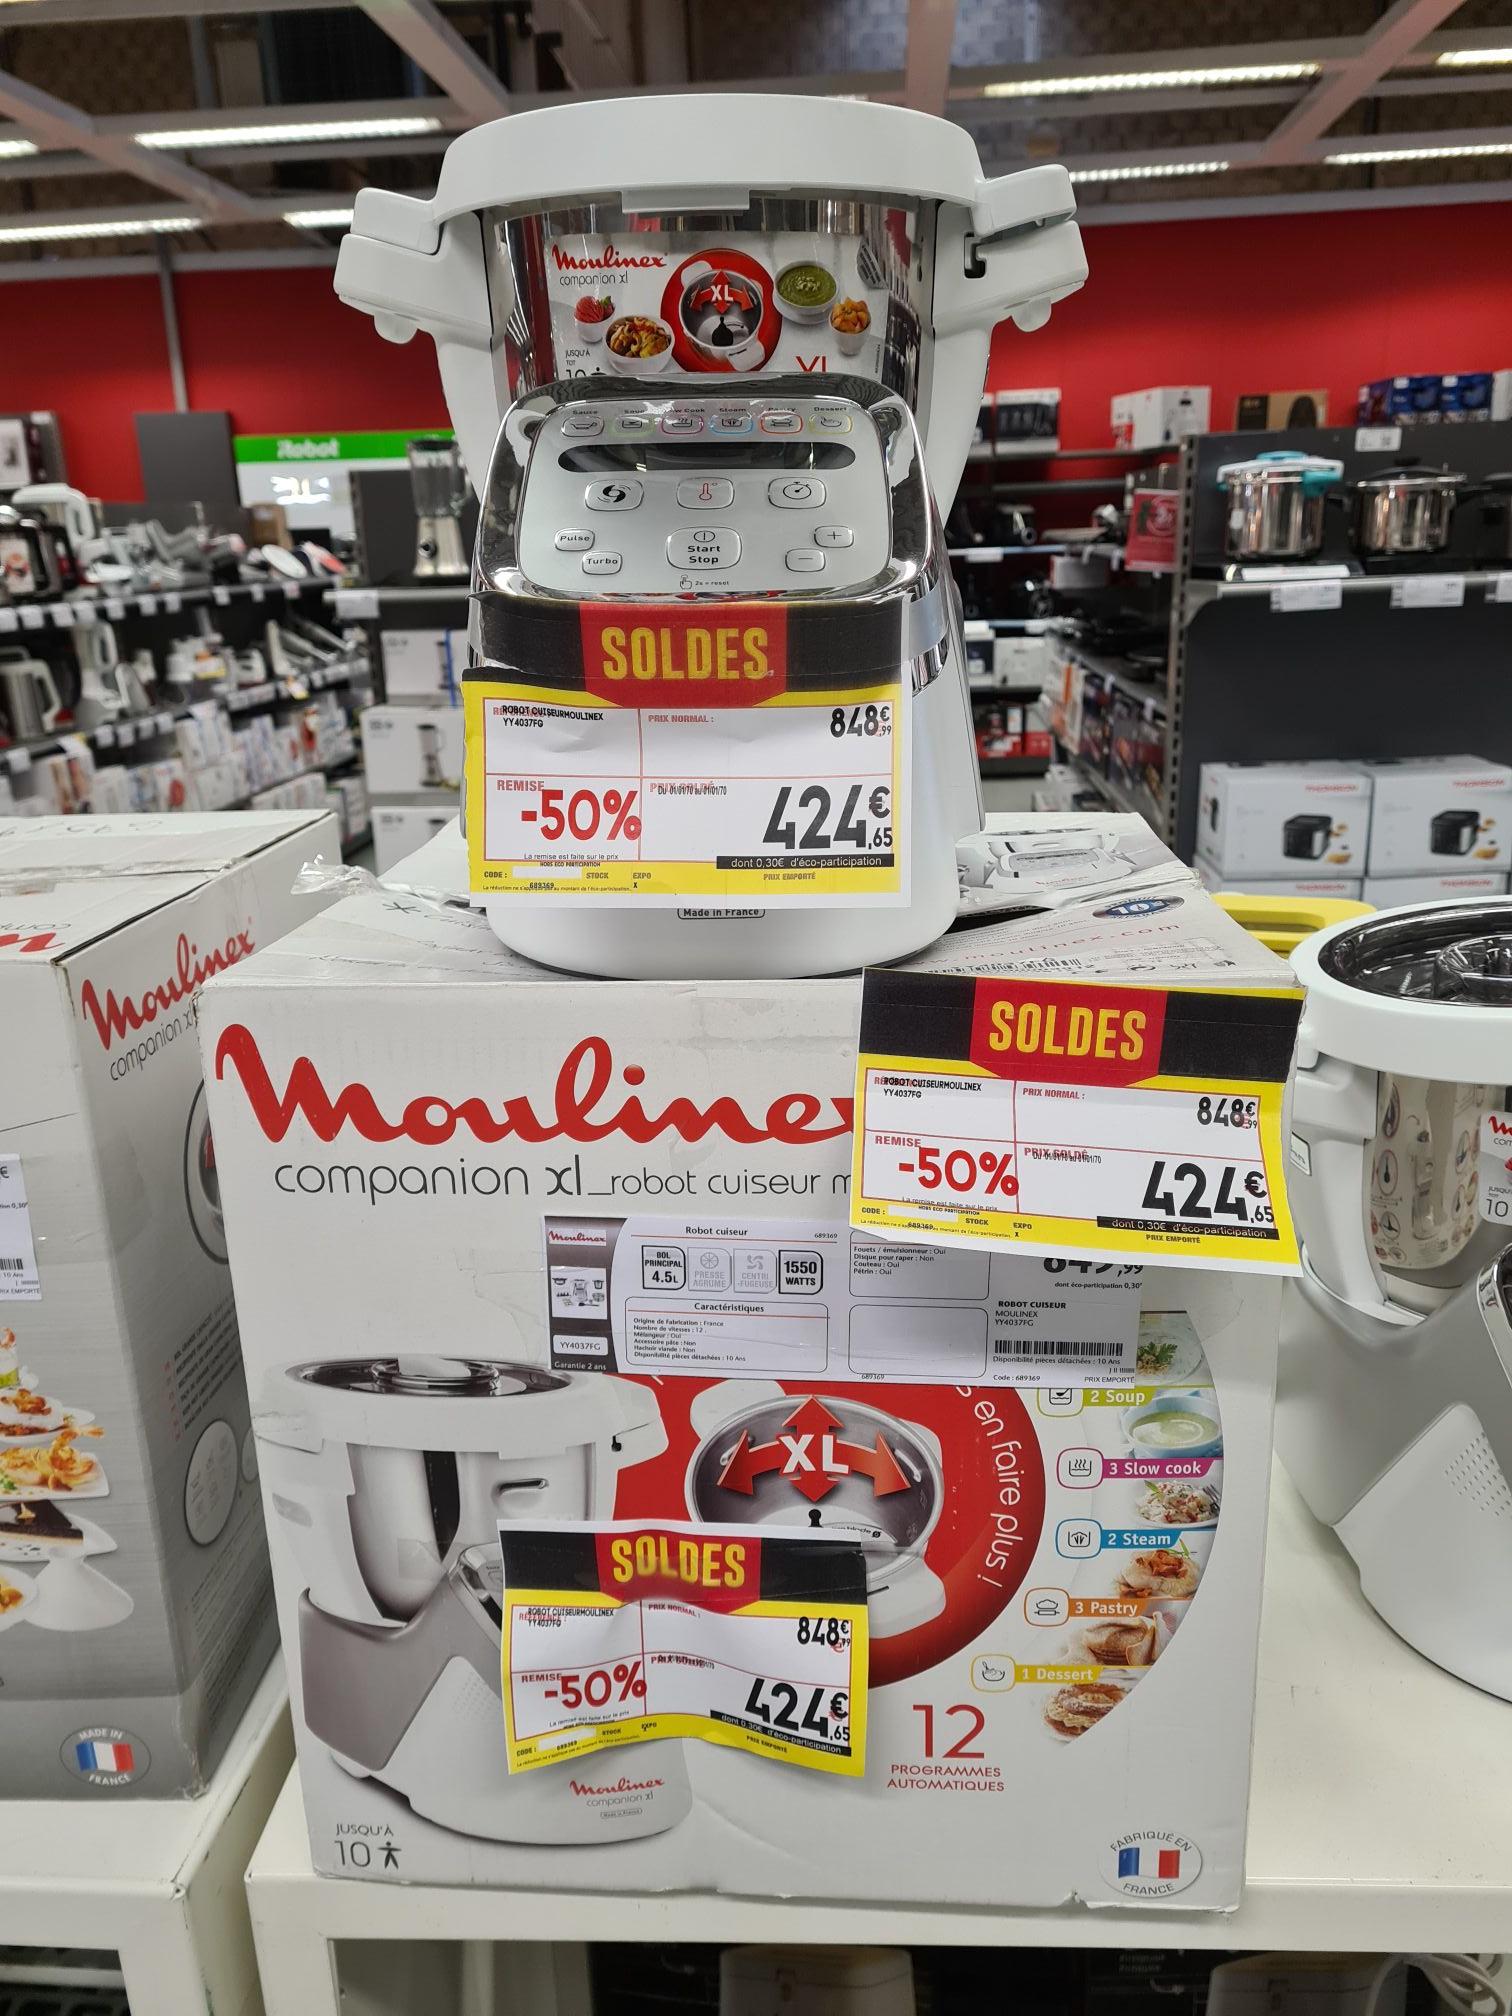 Robot de cuisine multifonction Moulinex Companion XL YY4037FG (4.5 L, 1550 W) - Villeneuve-Saint-Georges (94)